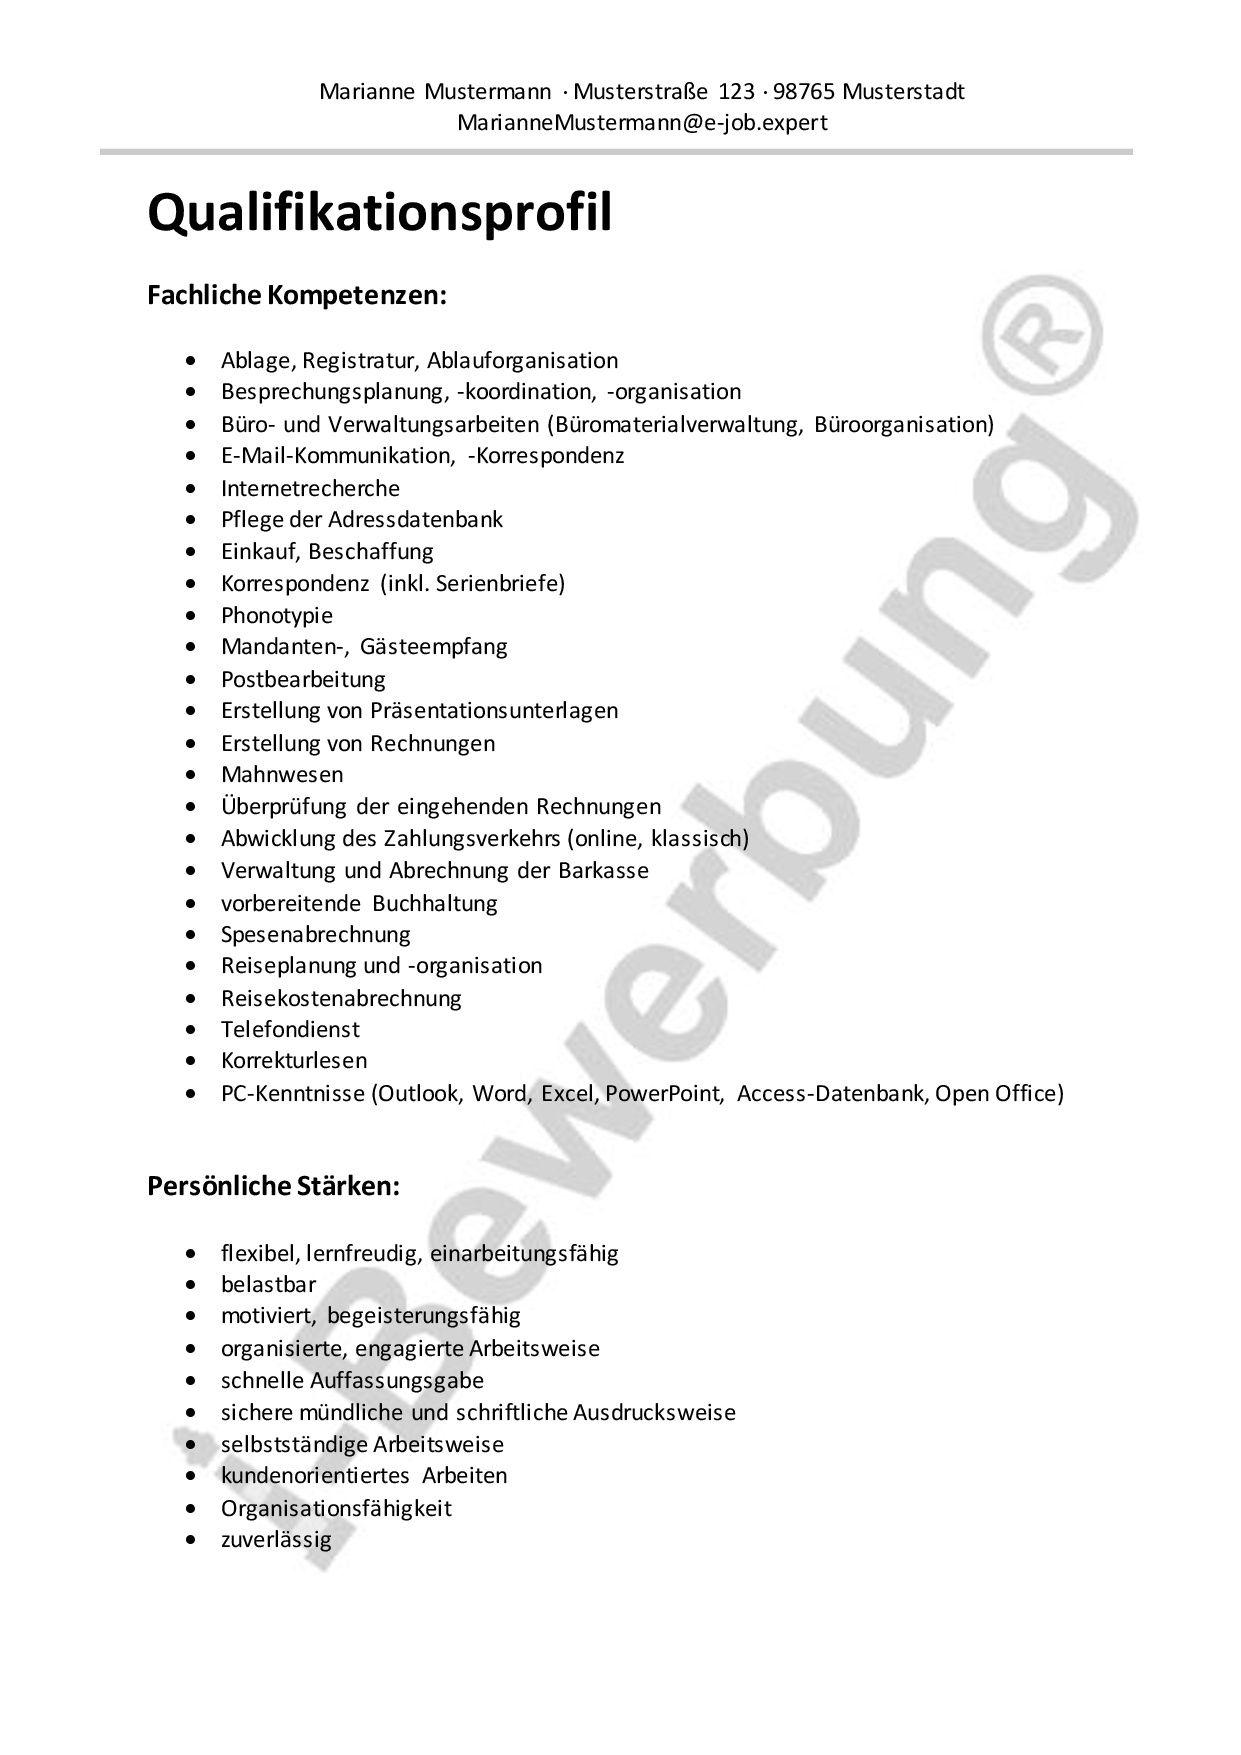 Groß Buchhaltung Lebenslauf Zusammenfassung Von Qualifikationen ...